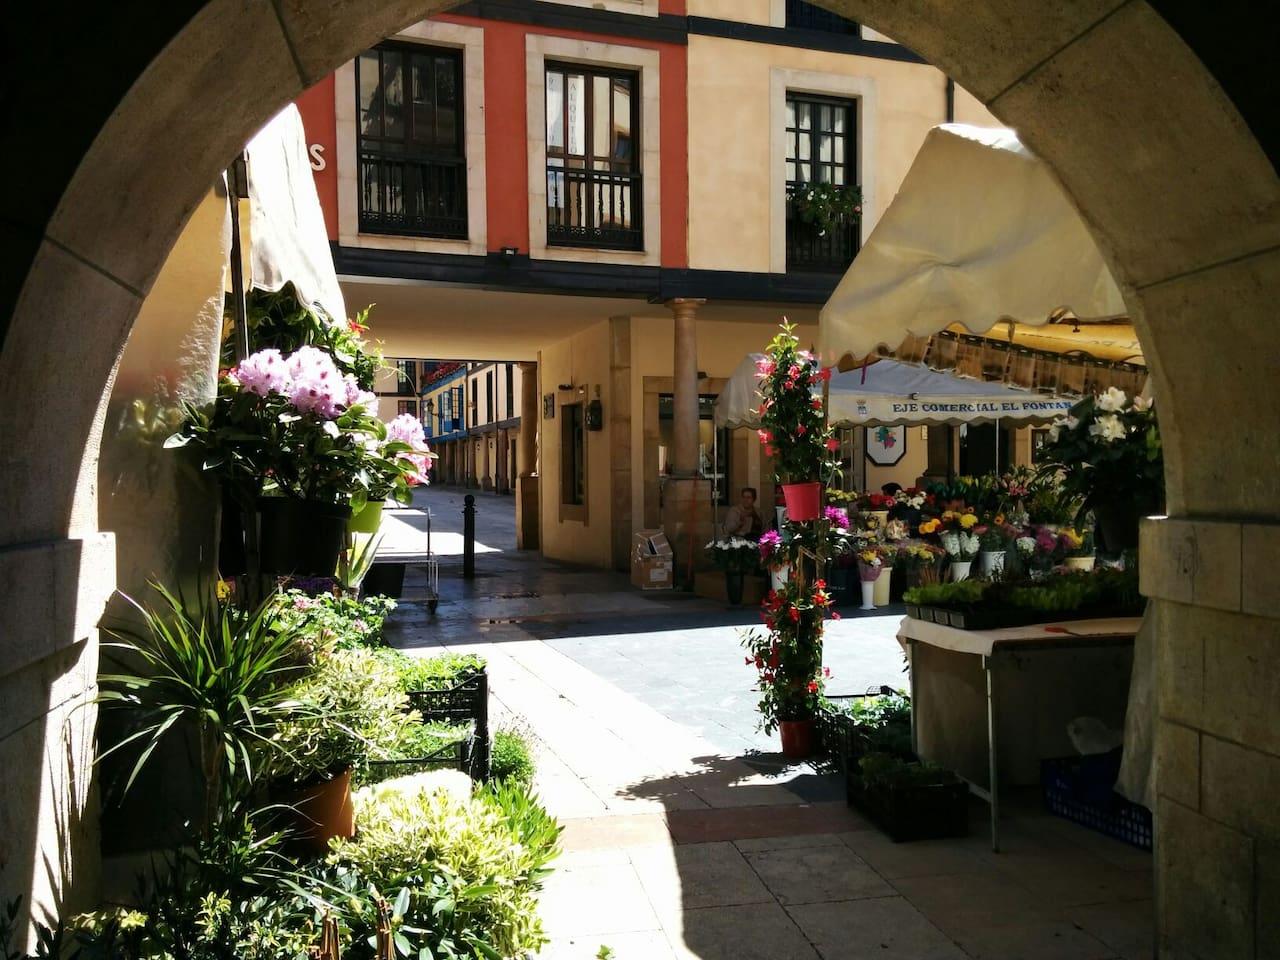 Entrance to the building among flowers. La entrada del edificio entre flores.